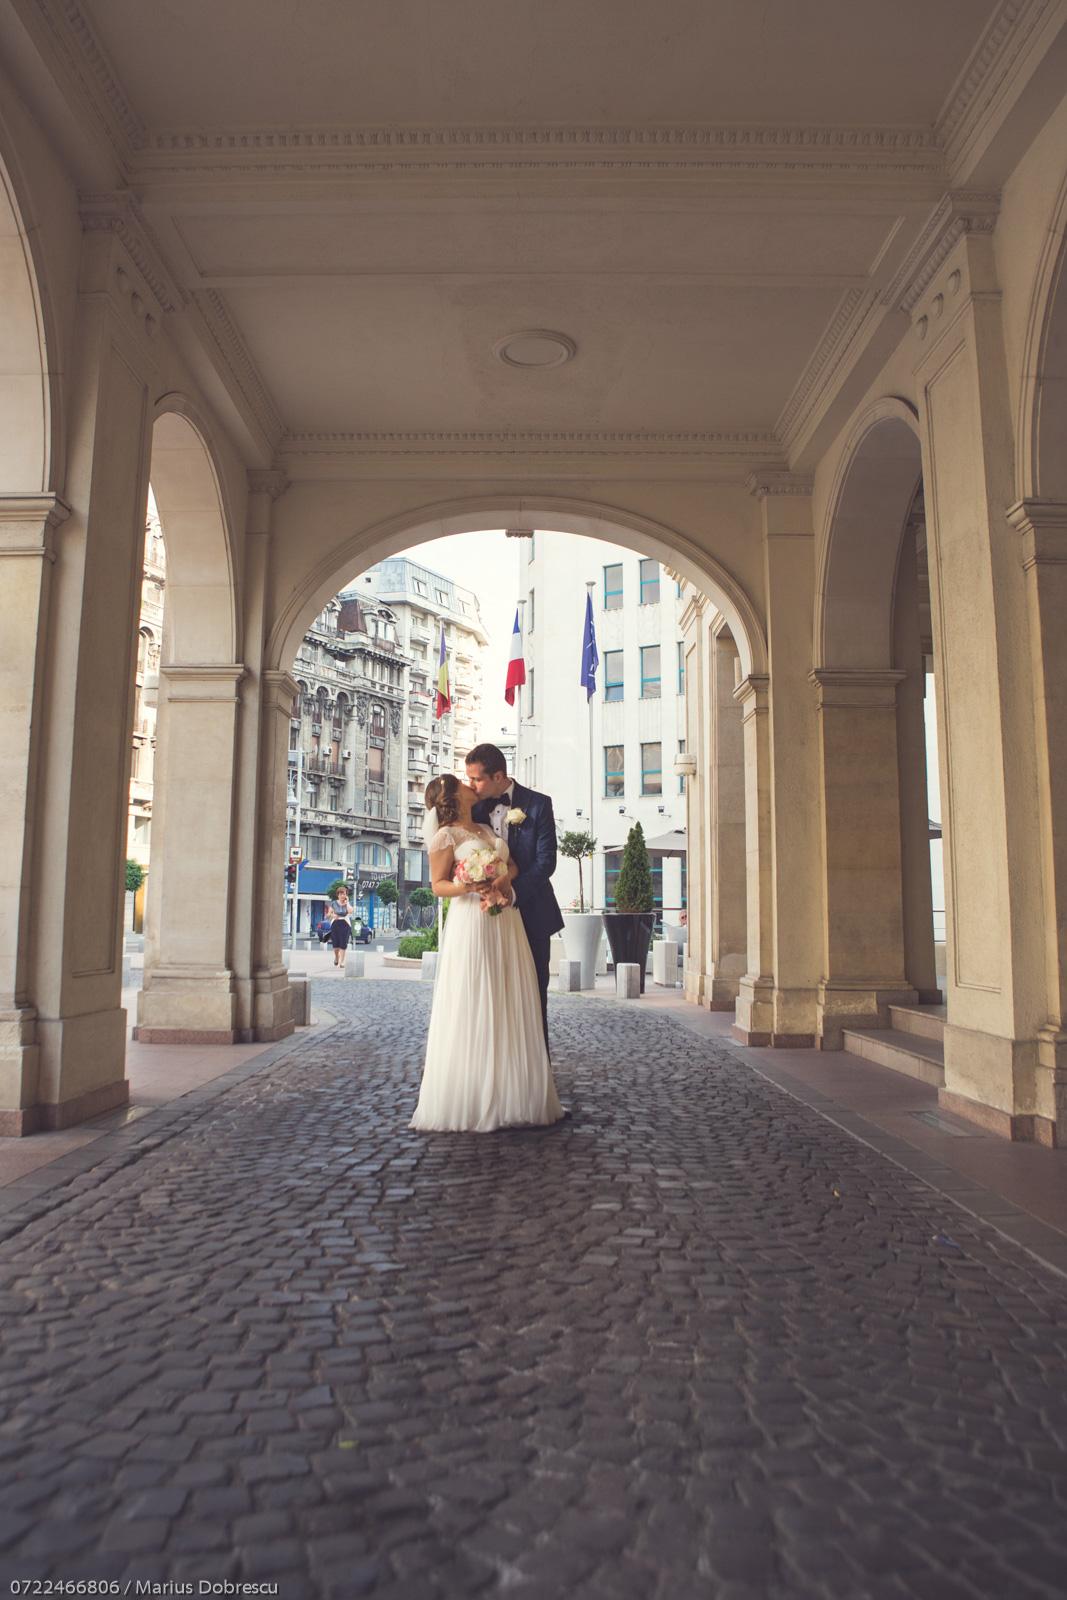 Roxana & Cristian - Nunta in Bucuresti | Marius Dobrescu - Fotograf nunta